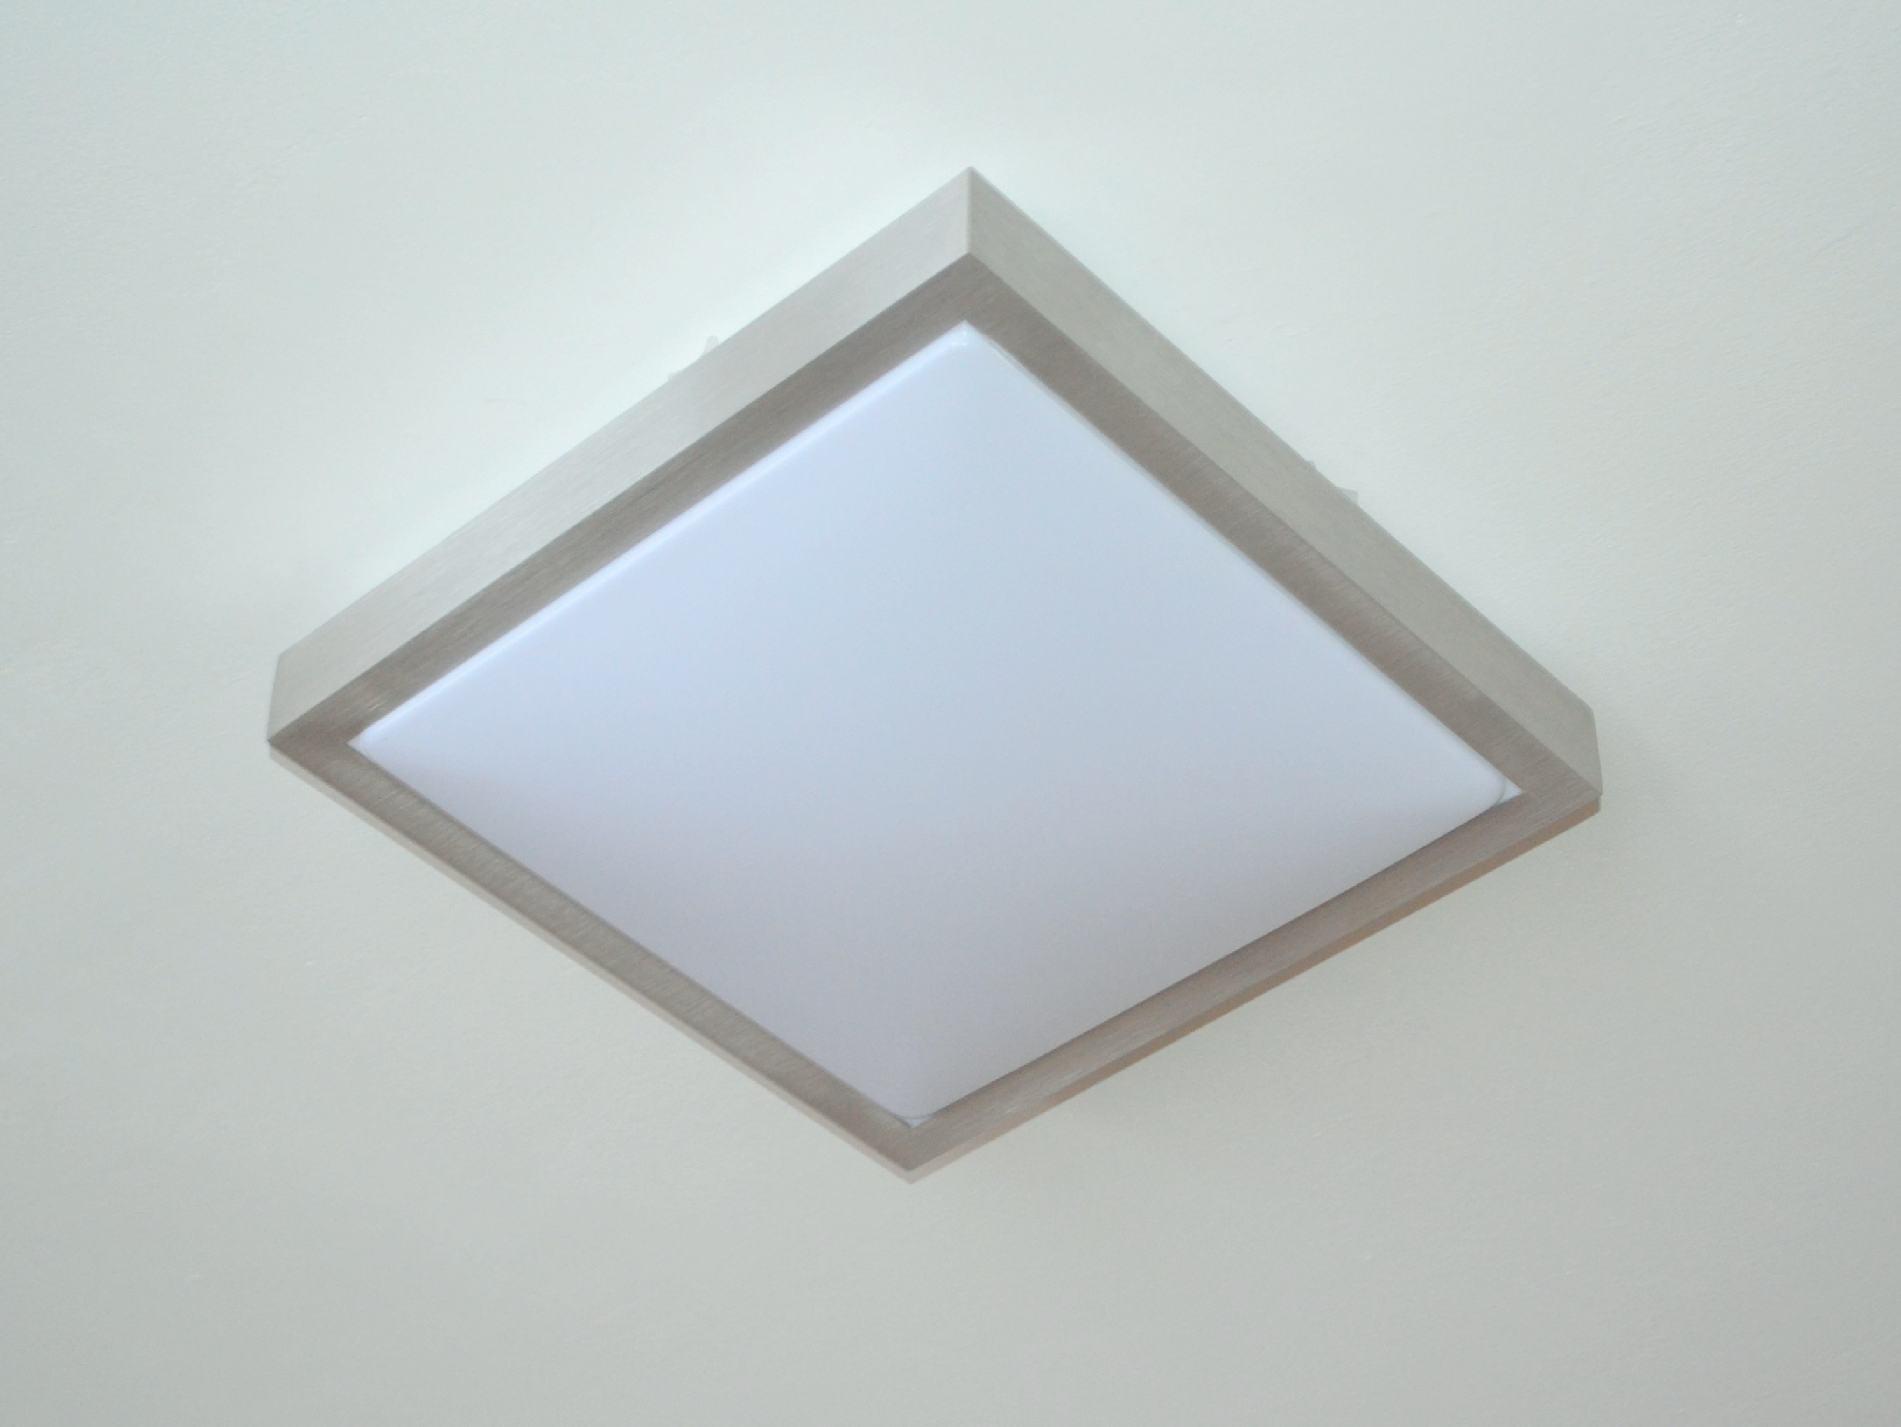 xd q12 deckenlampe deckenleuchte 12 watt rechteckig alu flurlampe led wohnzimmer ebay. Black Bedroom Furniture Sets. Home Design Ideas